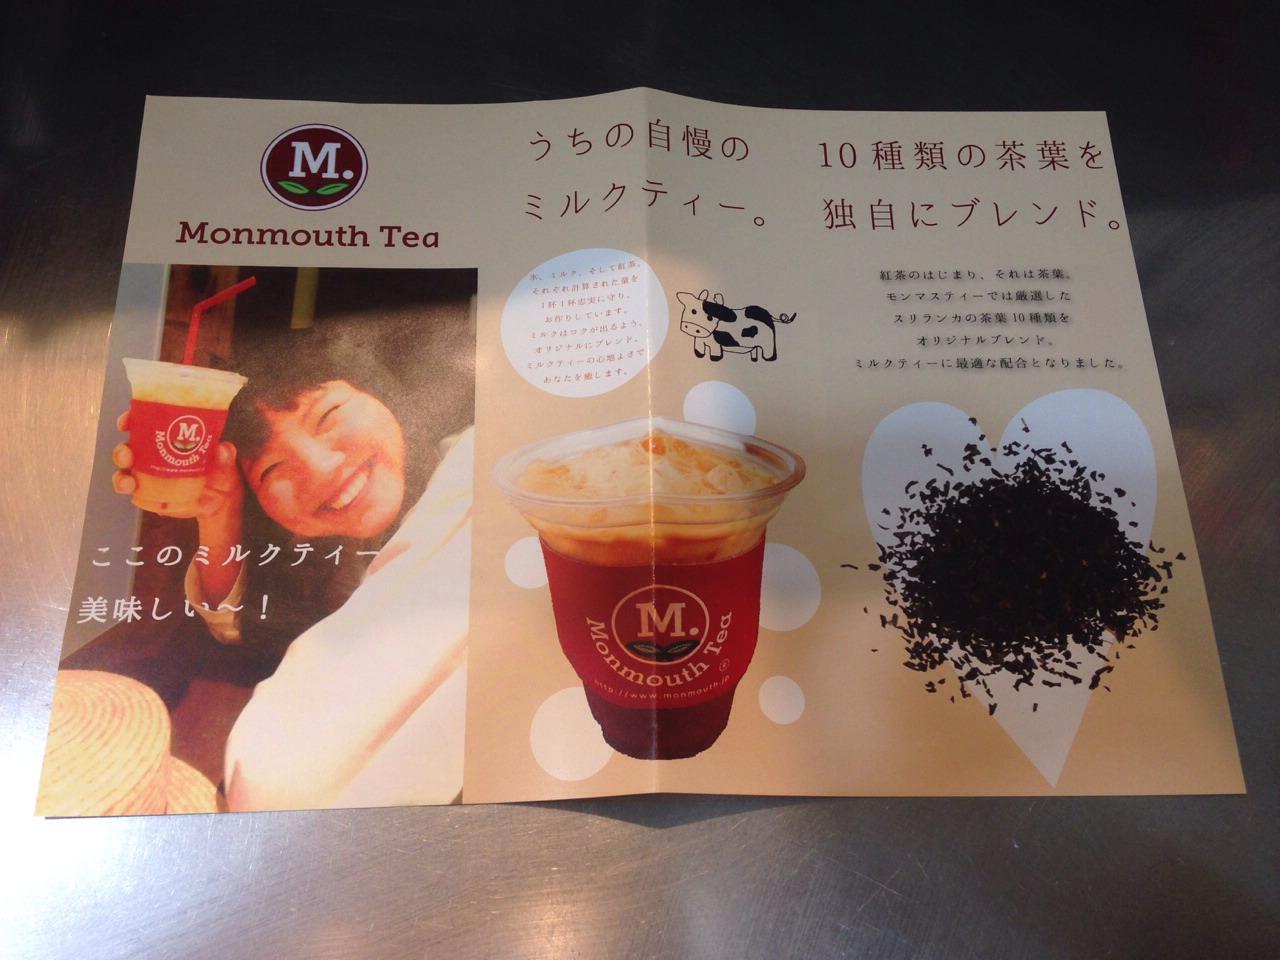 「静岡モンマスティーとのコラボ」_a0075684_18541558.jpg